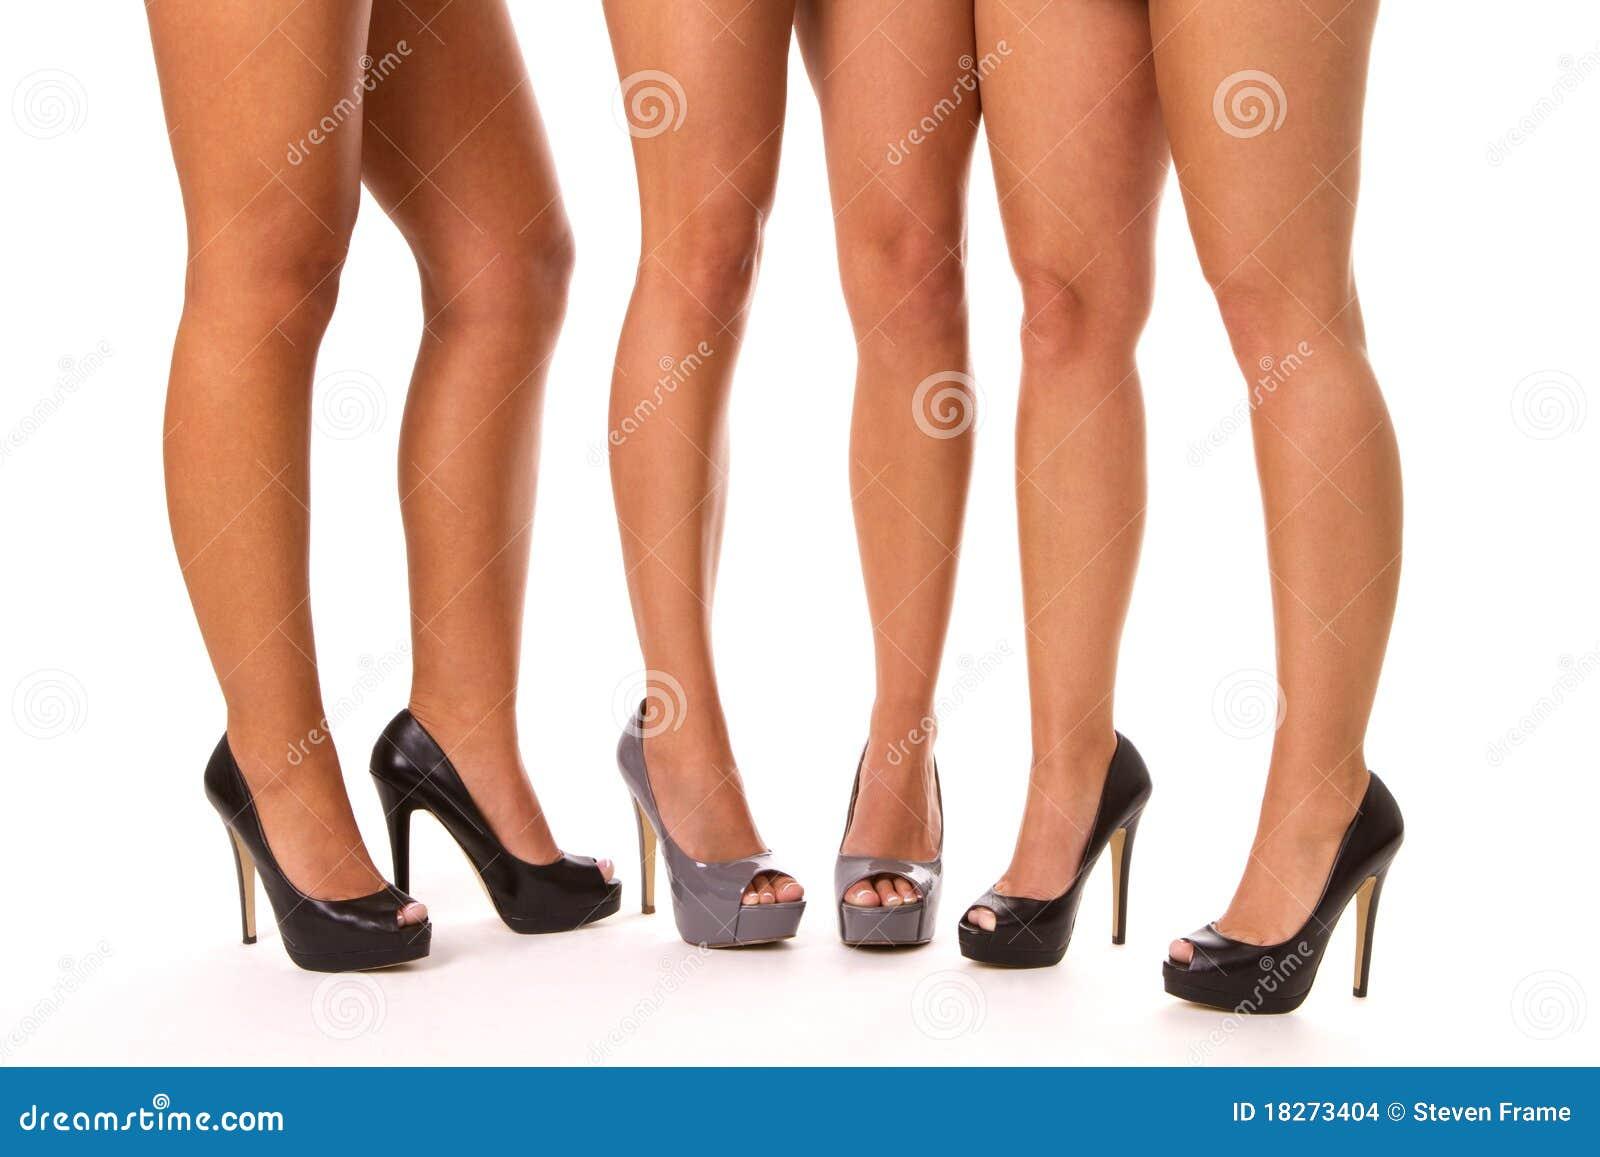 Fotos de mujeres con piernas torneadas 13